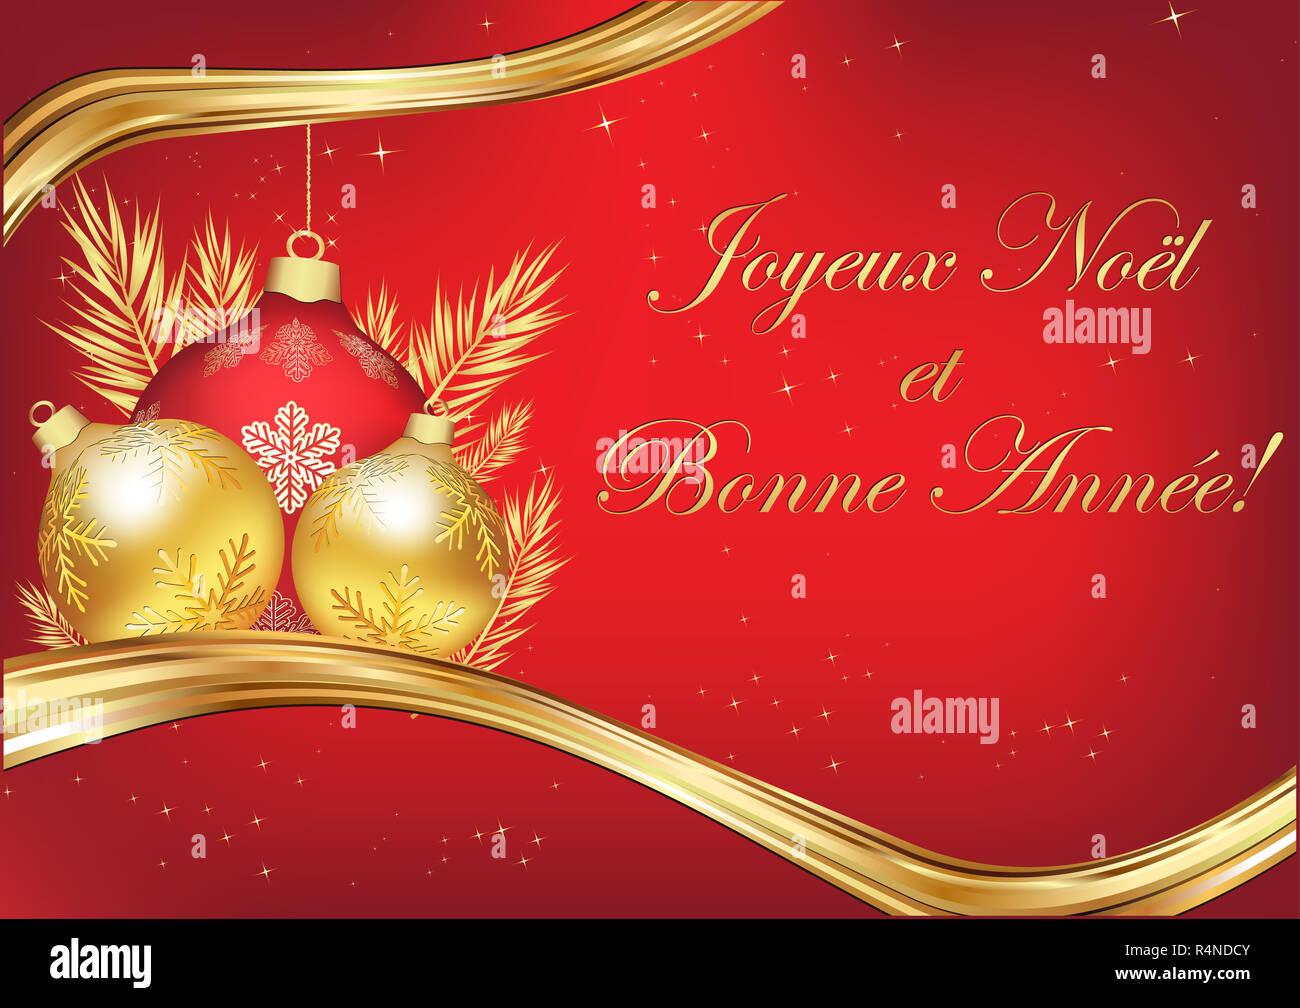 Auguri Di Buon Natale E Felice Anno Nuovo In Francese.Biglietto D Auguri Francese Immagini Biglietto D Auguri